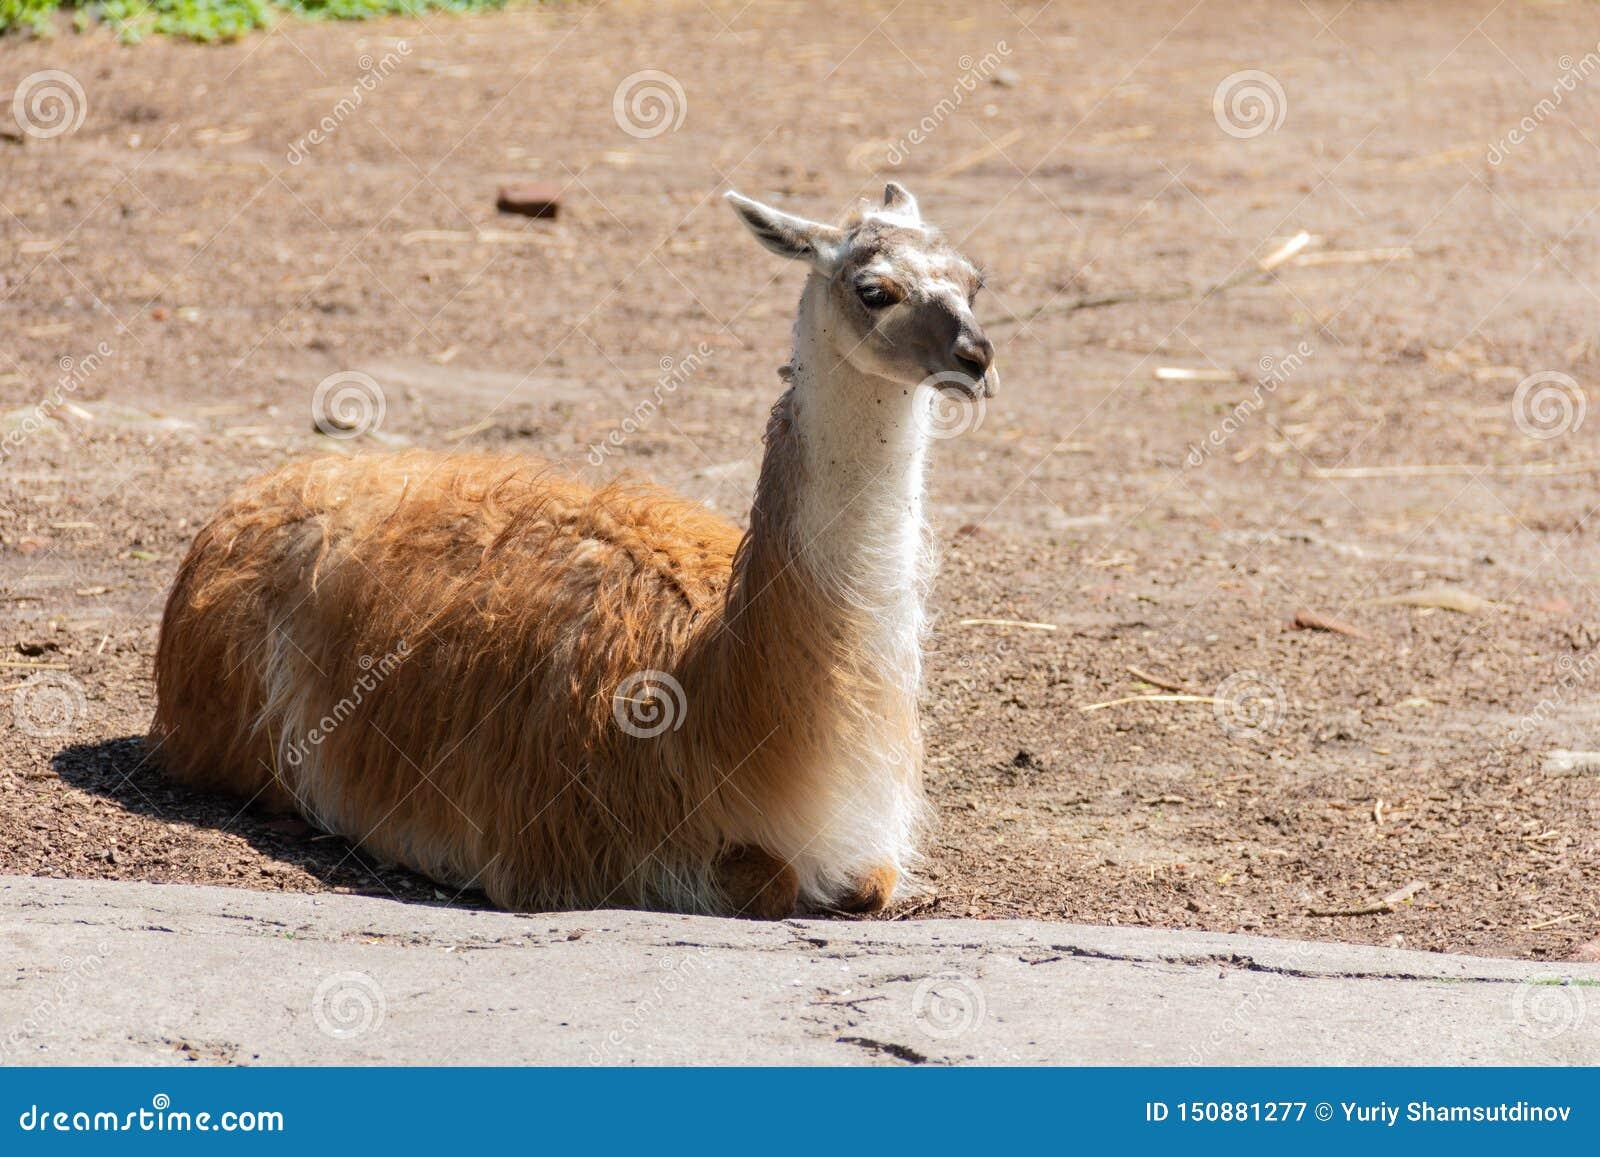 Лама лежит на лужайке и наслаждается теплой солнечностью